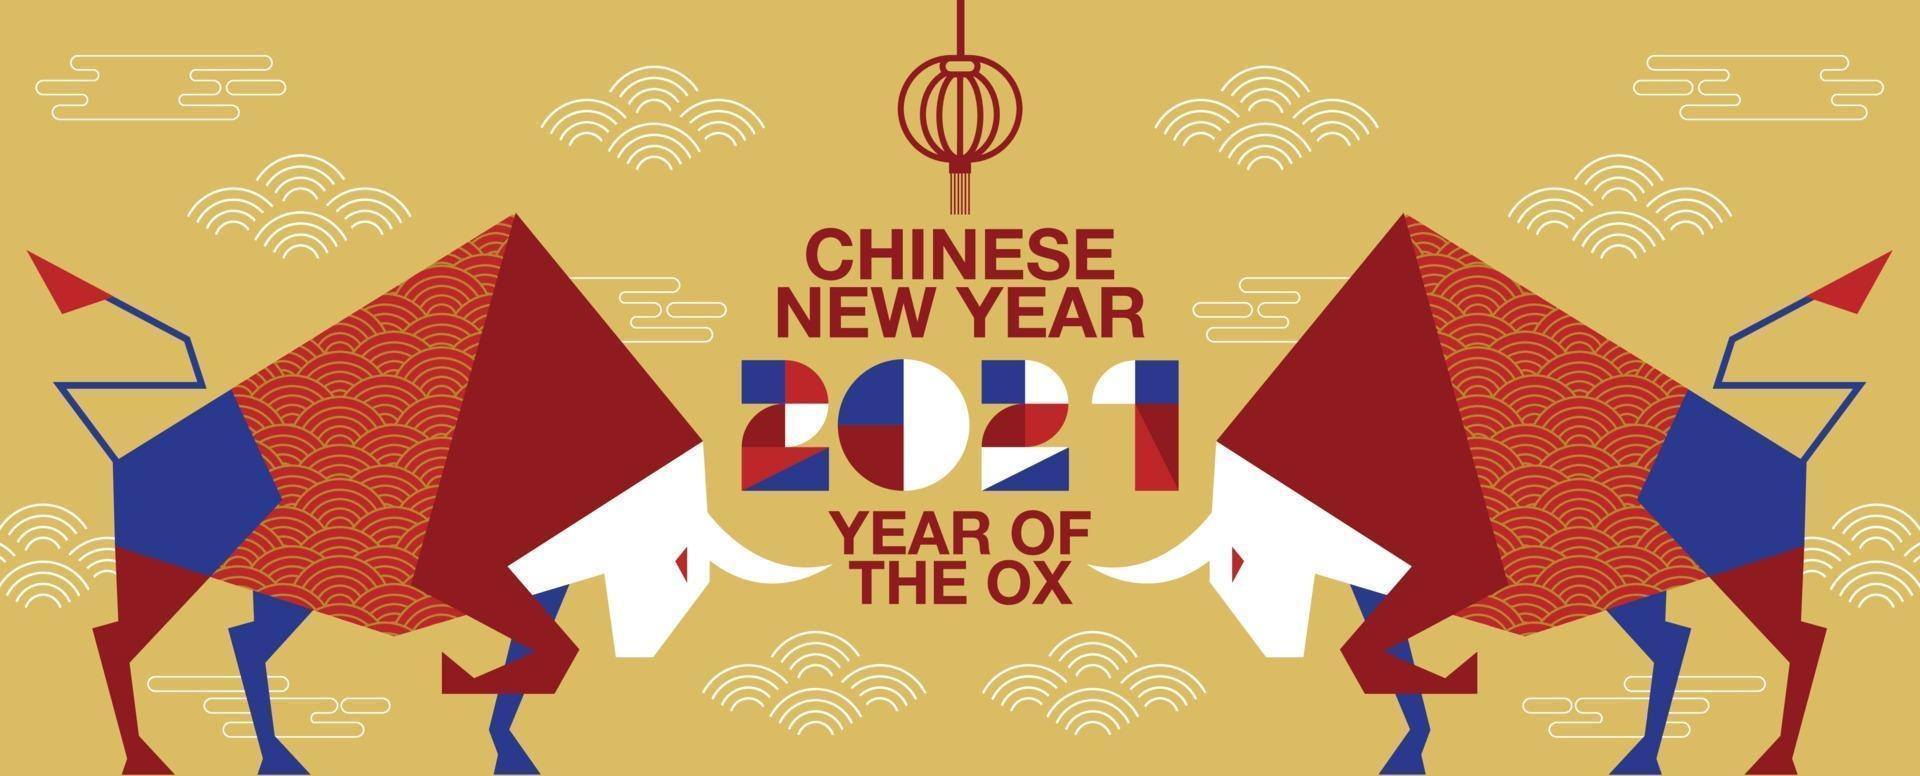 gott nytt år, kinesiskt nyår, 2021, året för oxen, seriefigur, platt design vektor